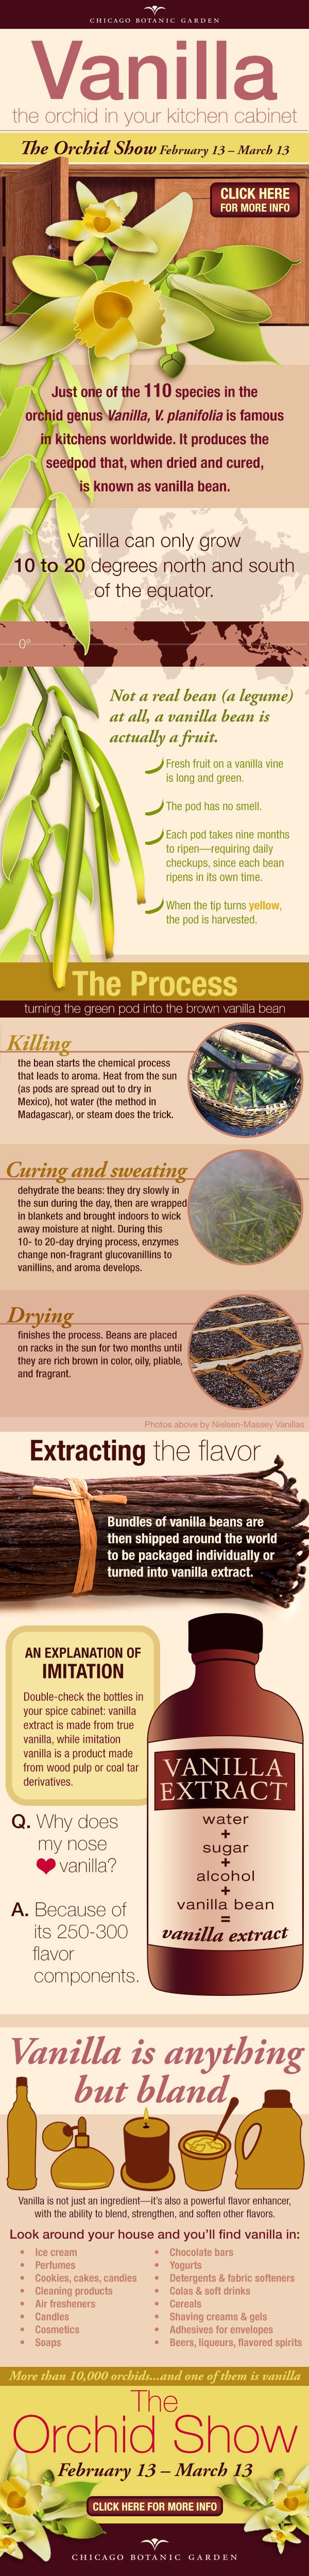 Vanilla infographic.